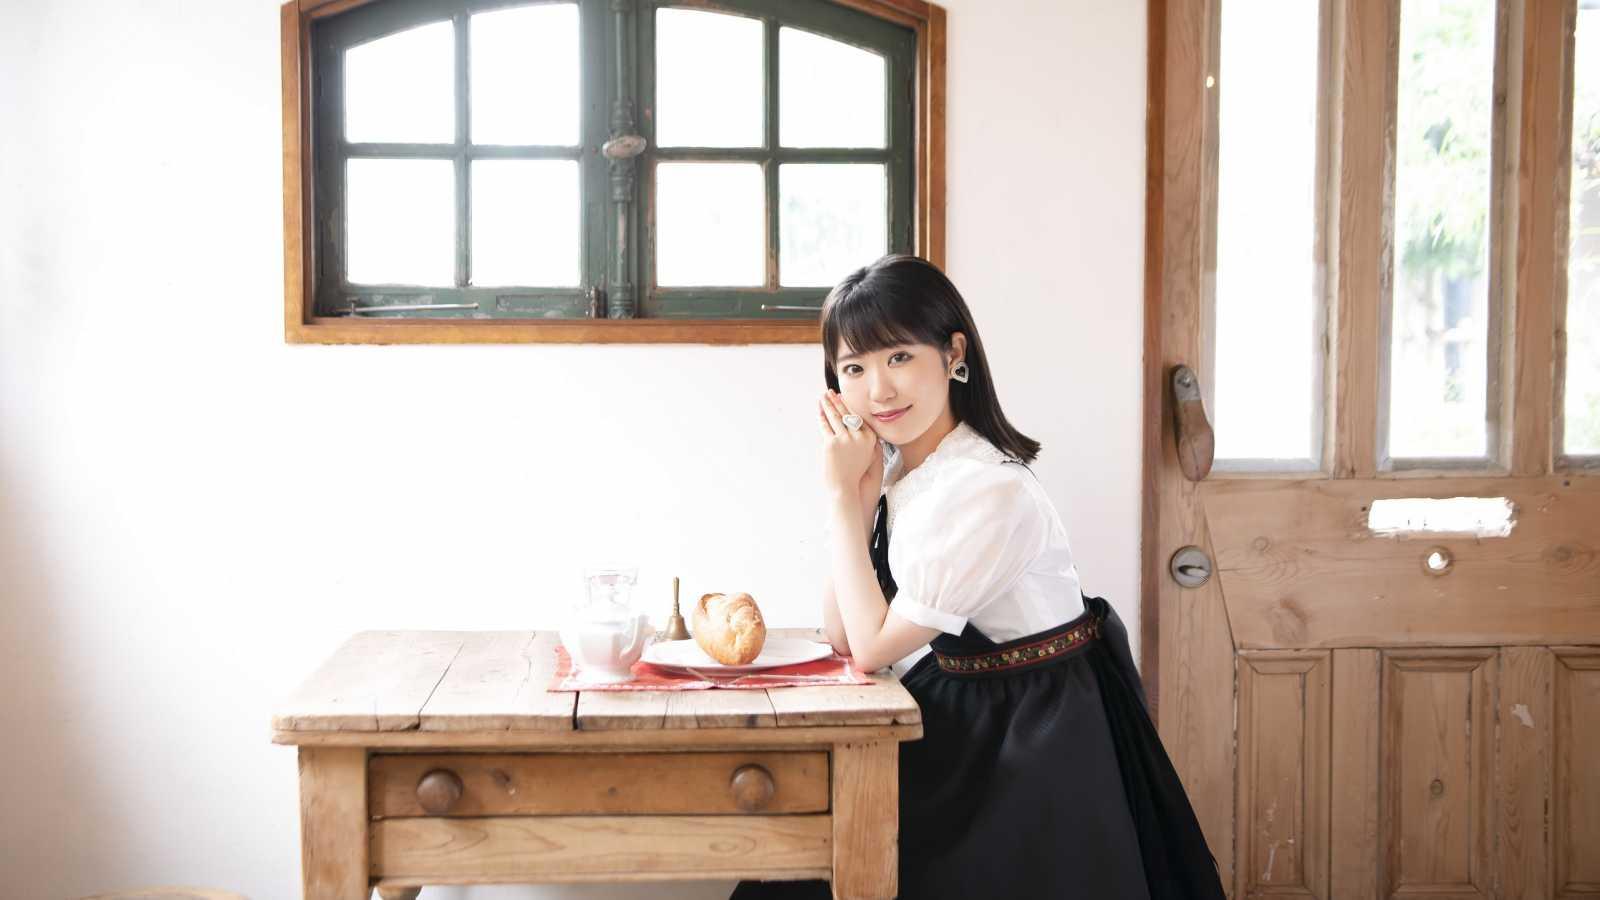 Neue Single von Toyama Nao © FlyingDog, Inc. All rights reserved.